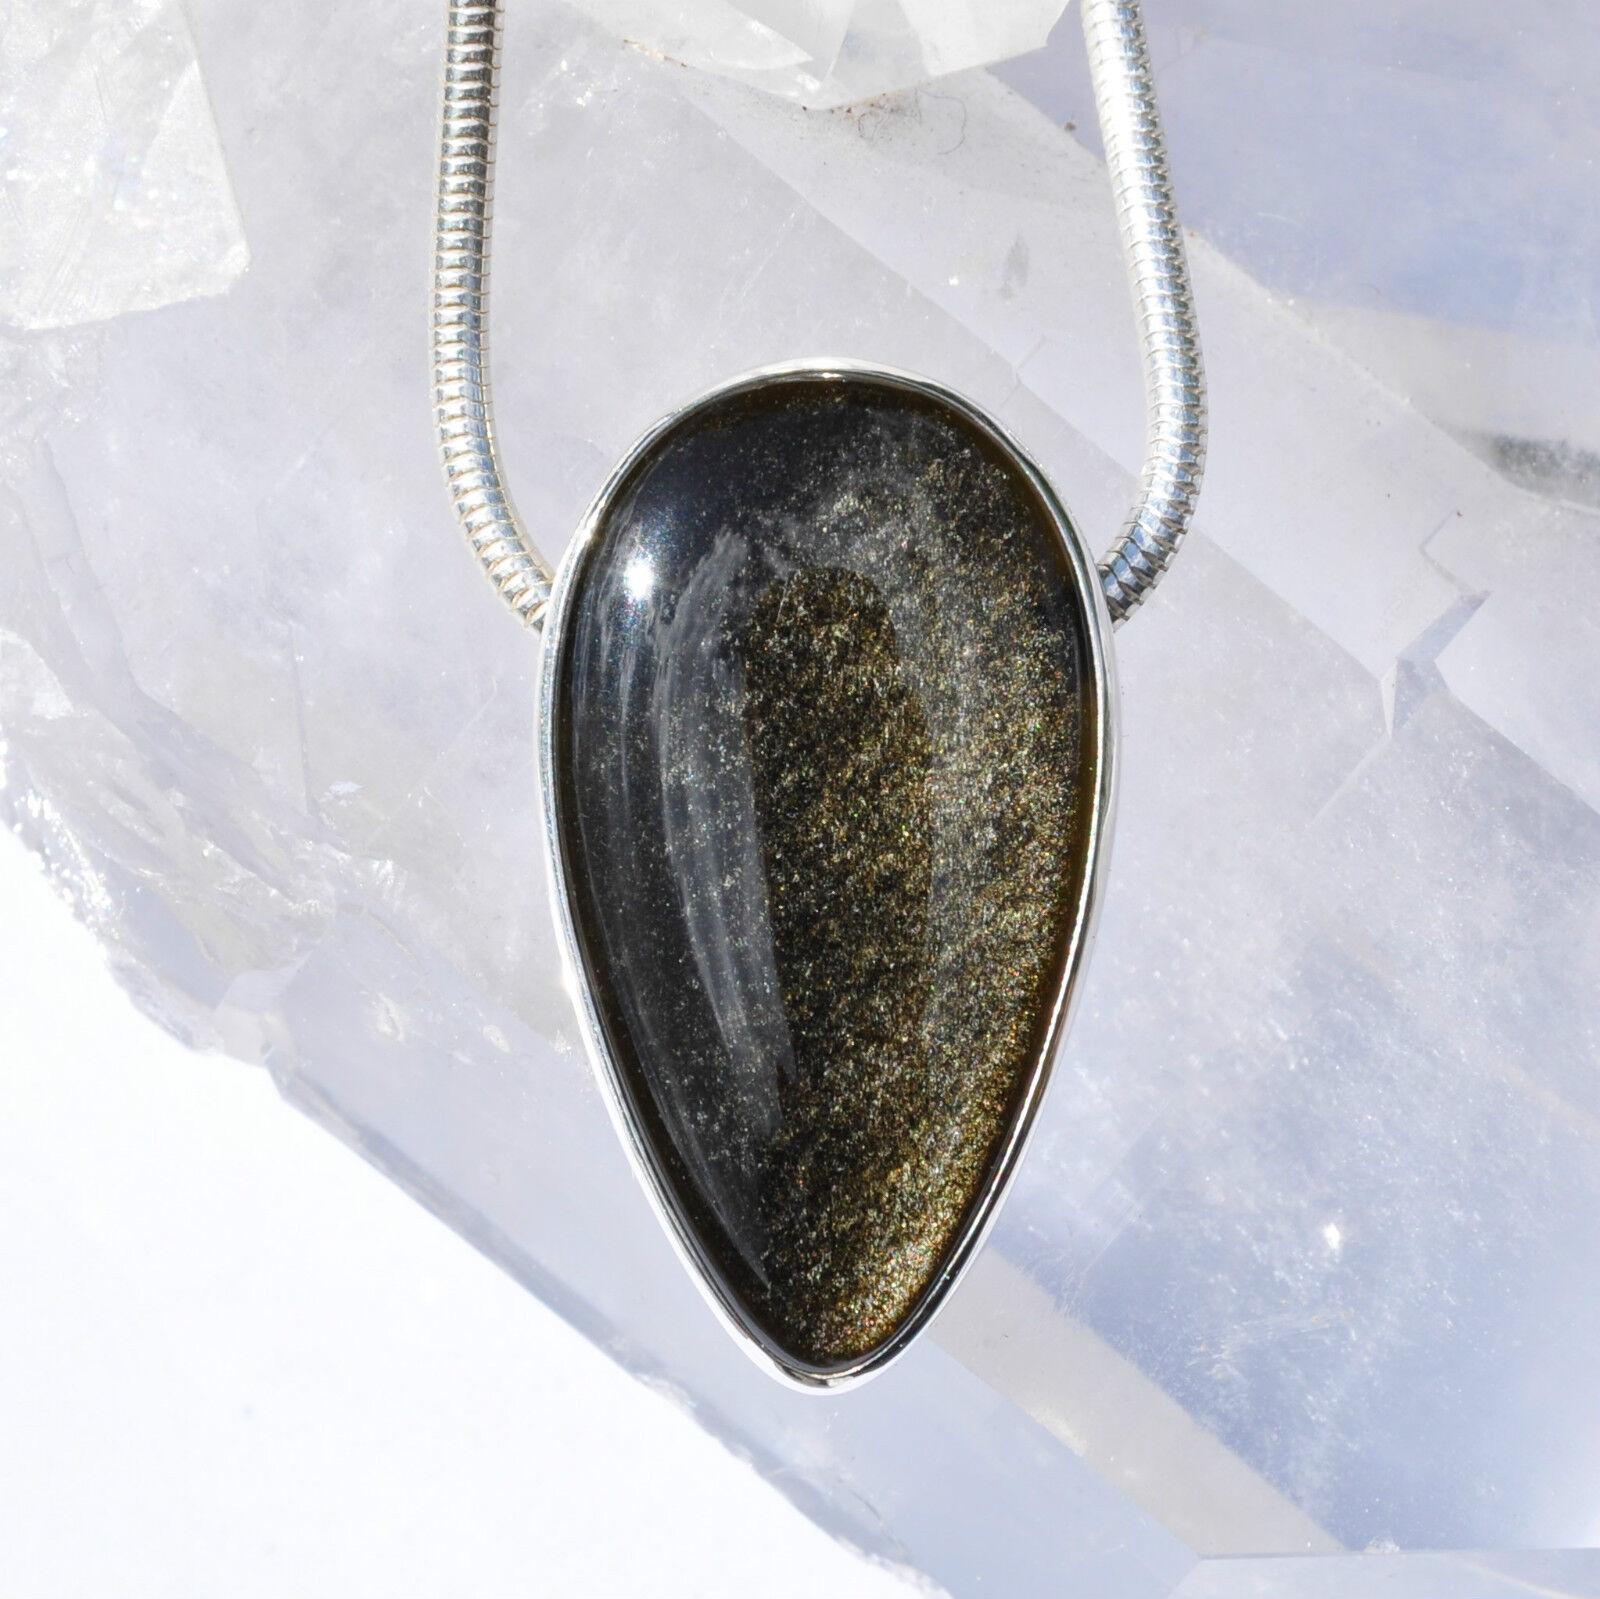 goldobsidian Anhänger, 925er silver, Edelsteinanhänger (11141), Obsidian